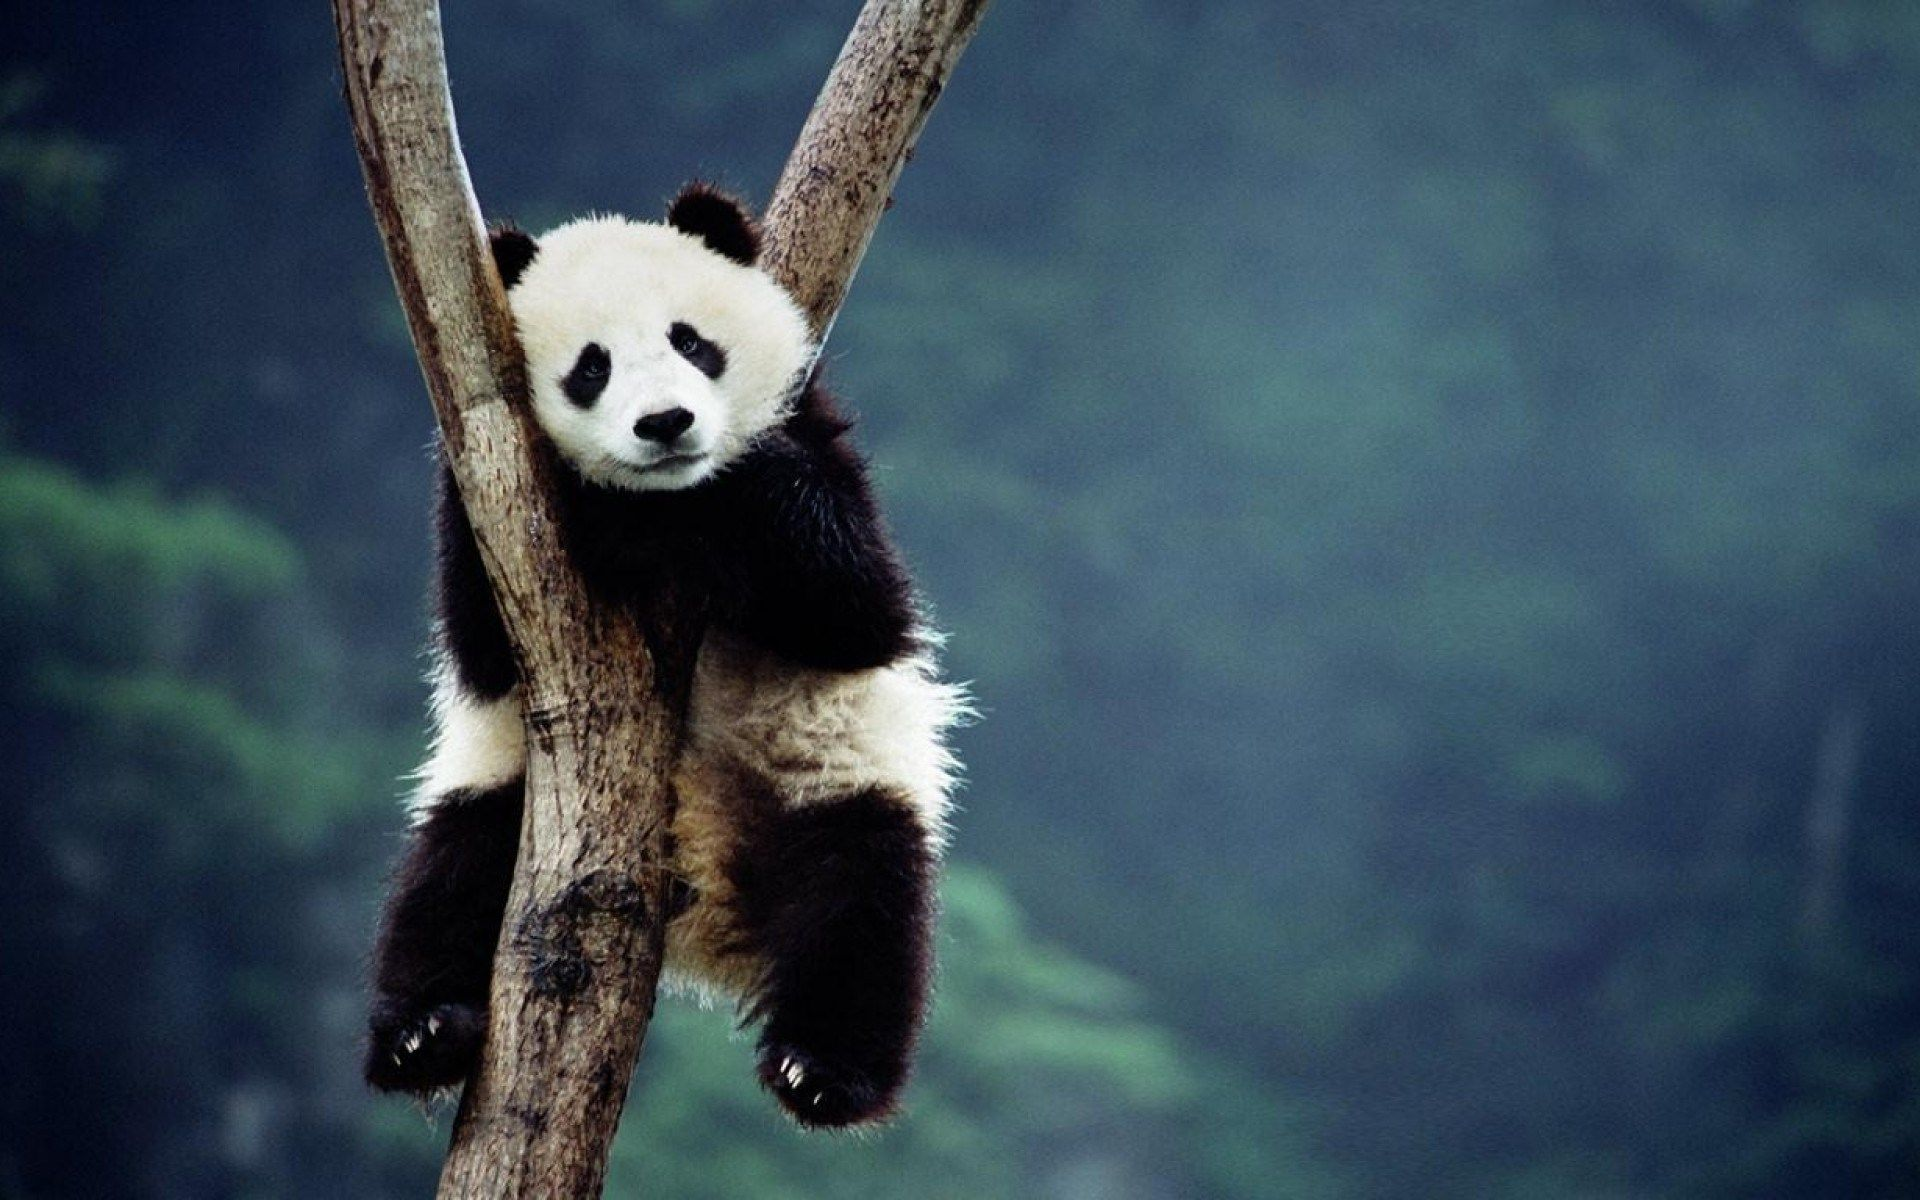 Free Wallpaper And Screensavers For Panda 314 Kb Seward Wilkinson Panda Wallpapers Panda Bear Animal Wallpaper